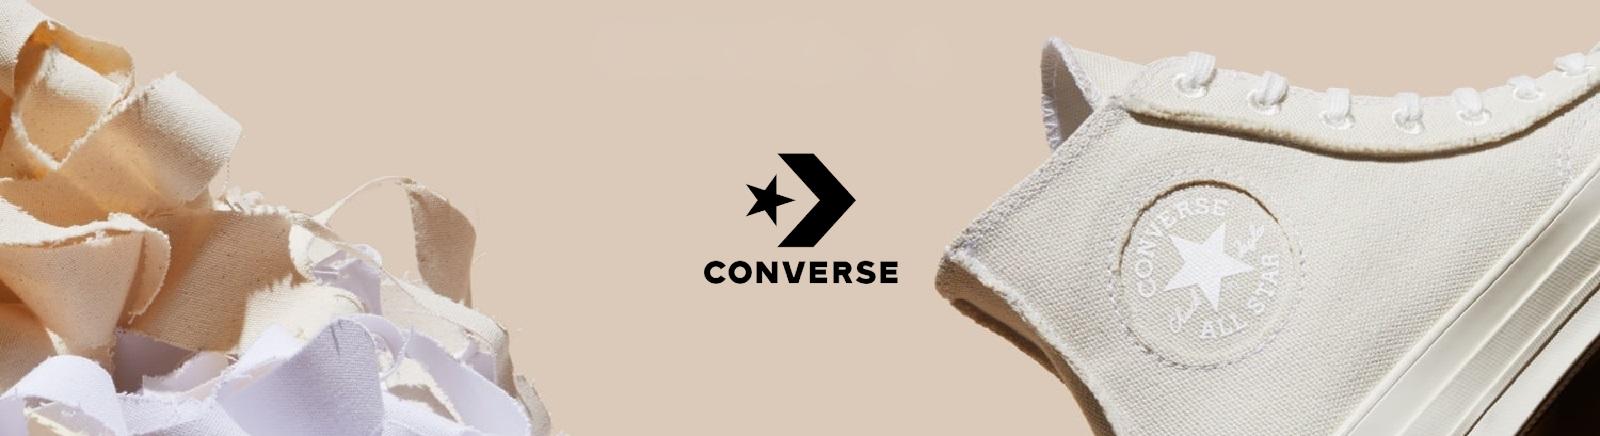 Gisy: Converse Damenschuhe online shoppen